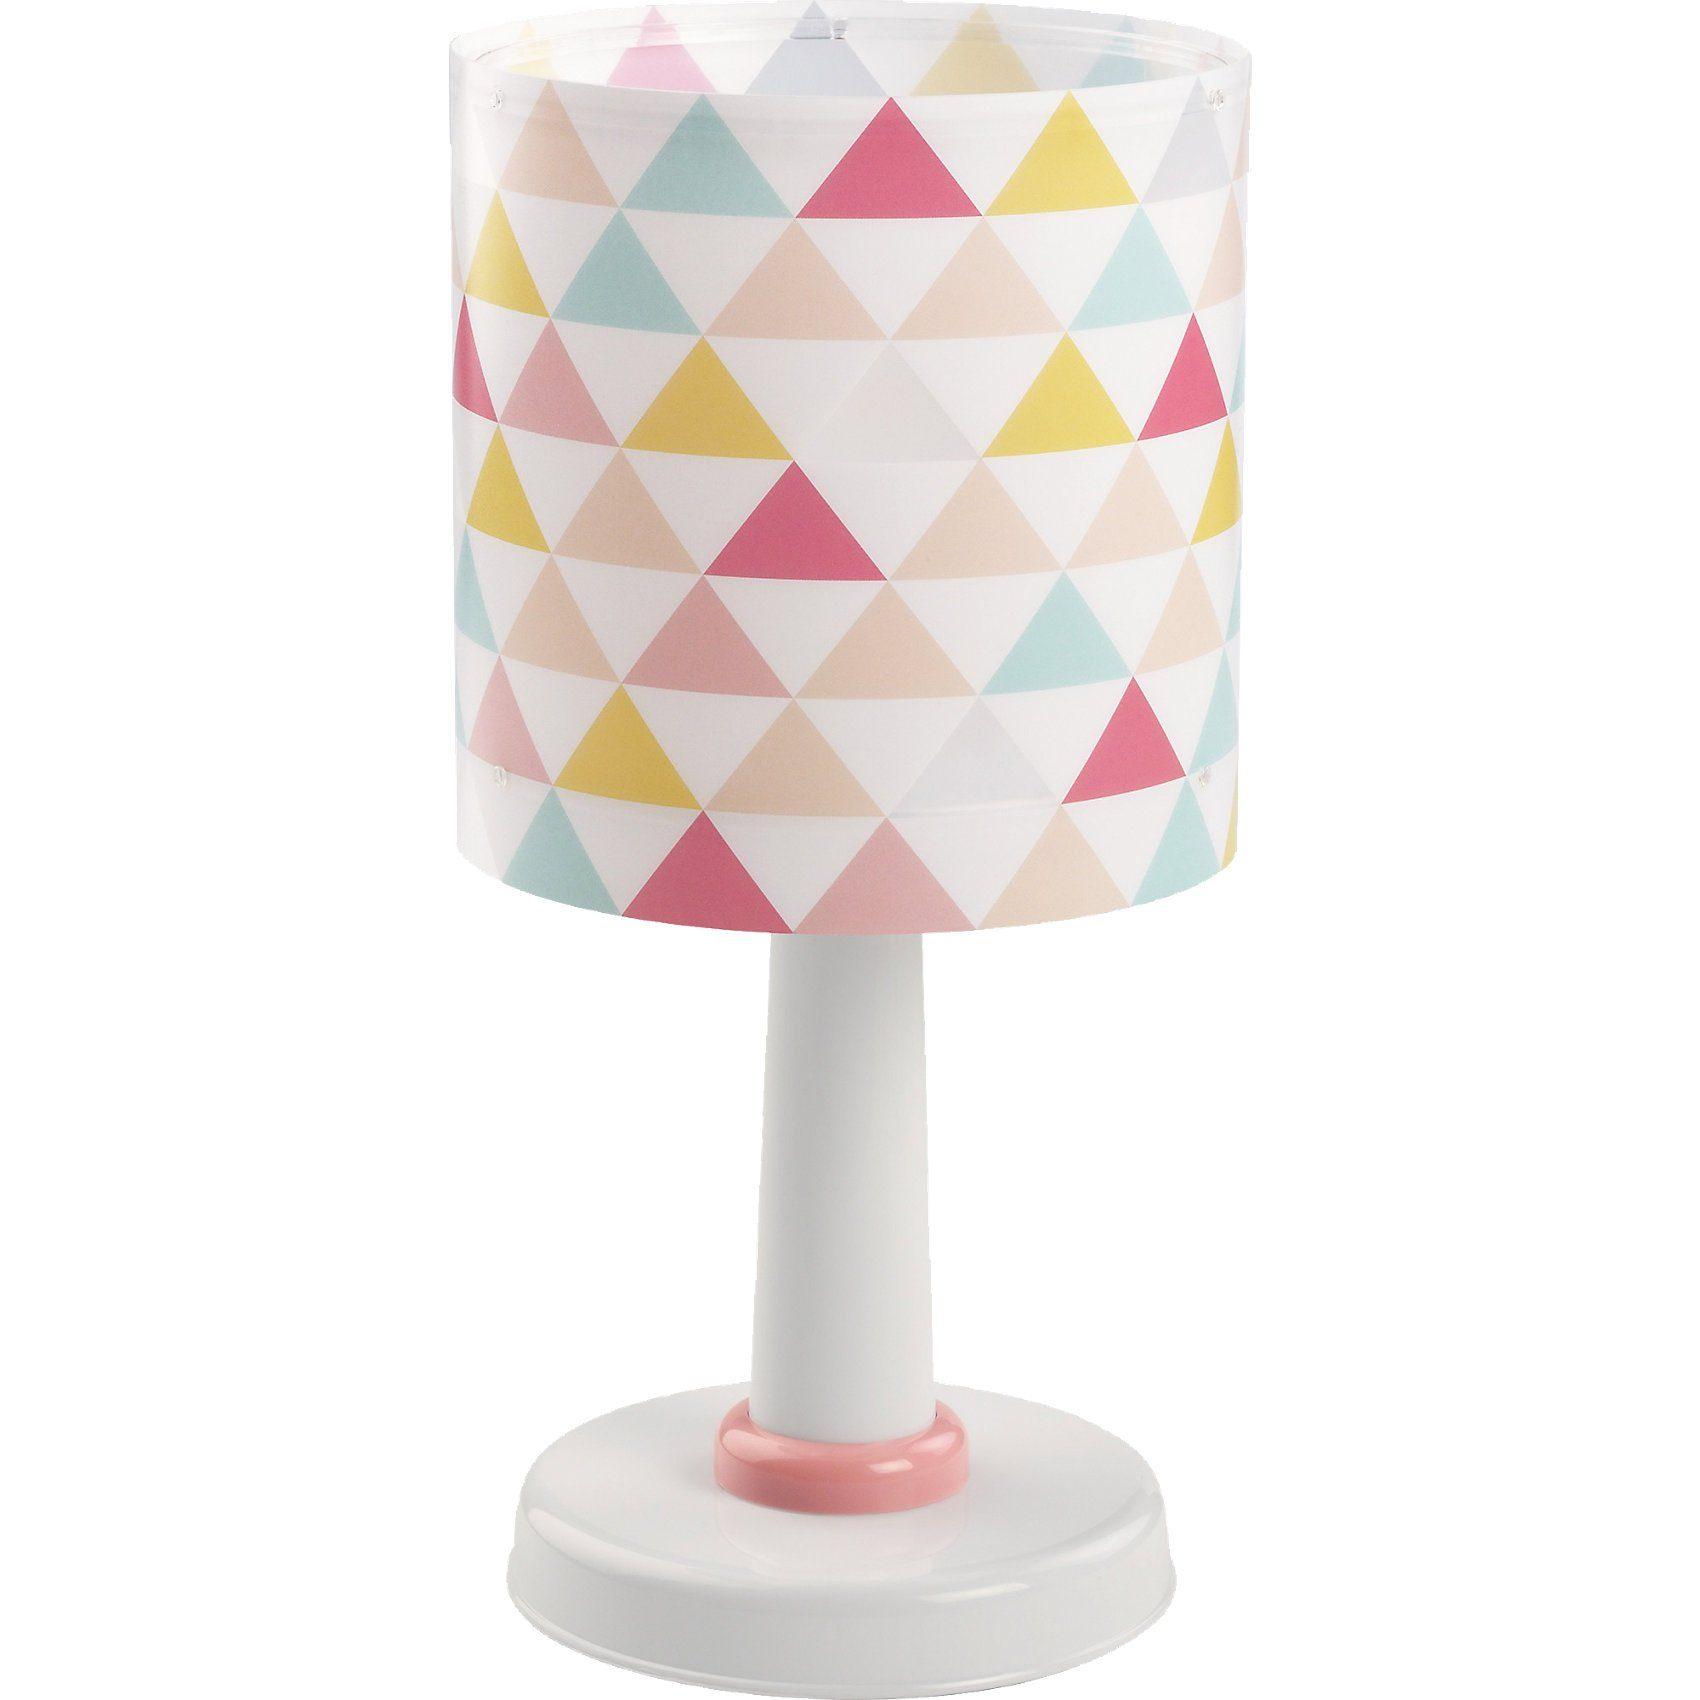 Dalber Tischlampe HAPPY, pastellfarben